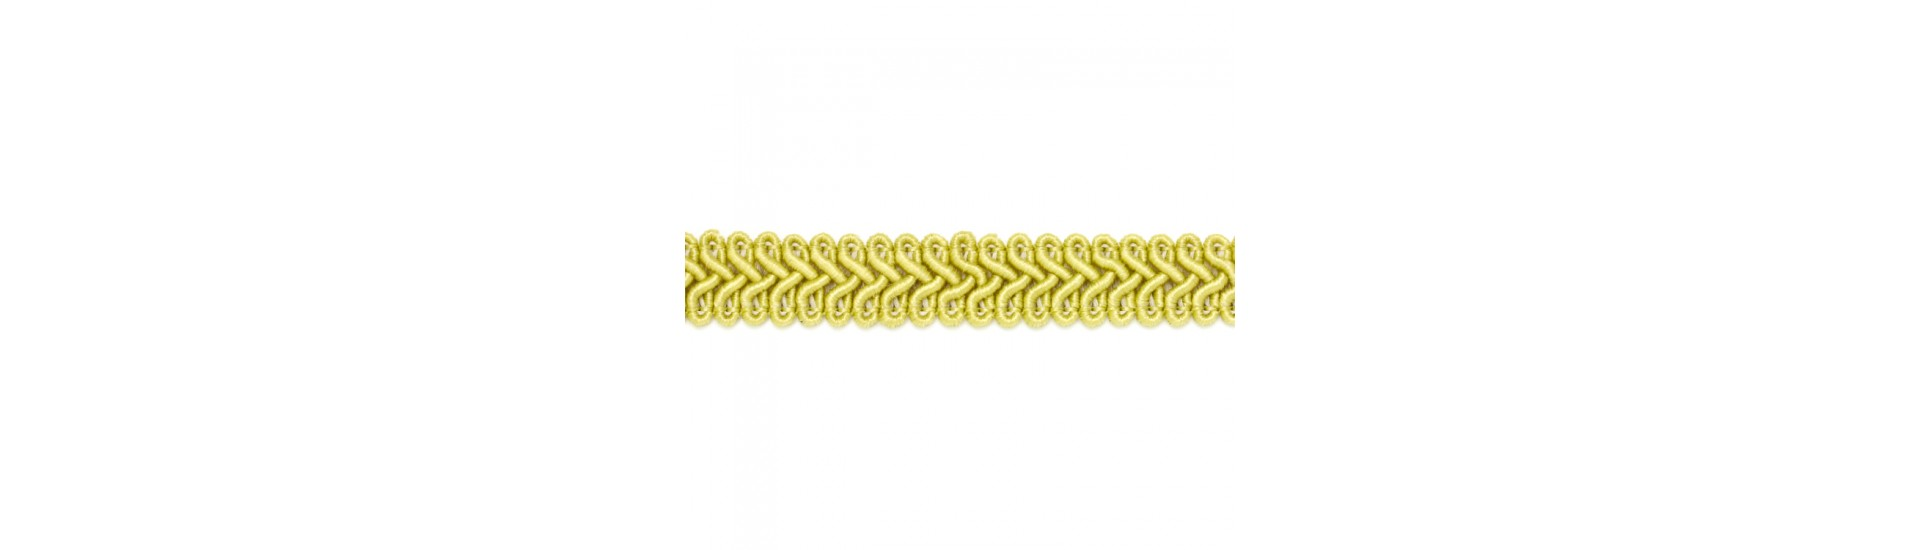 Шторная тесьма SR009 золото (50 м)